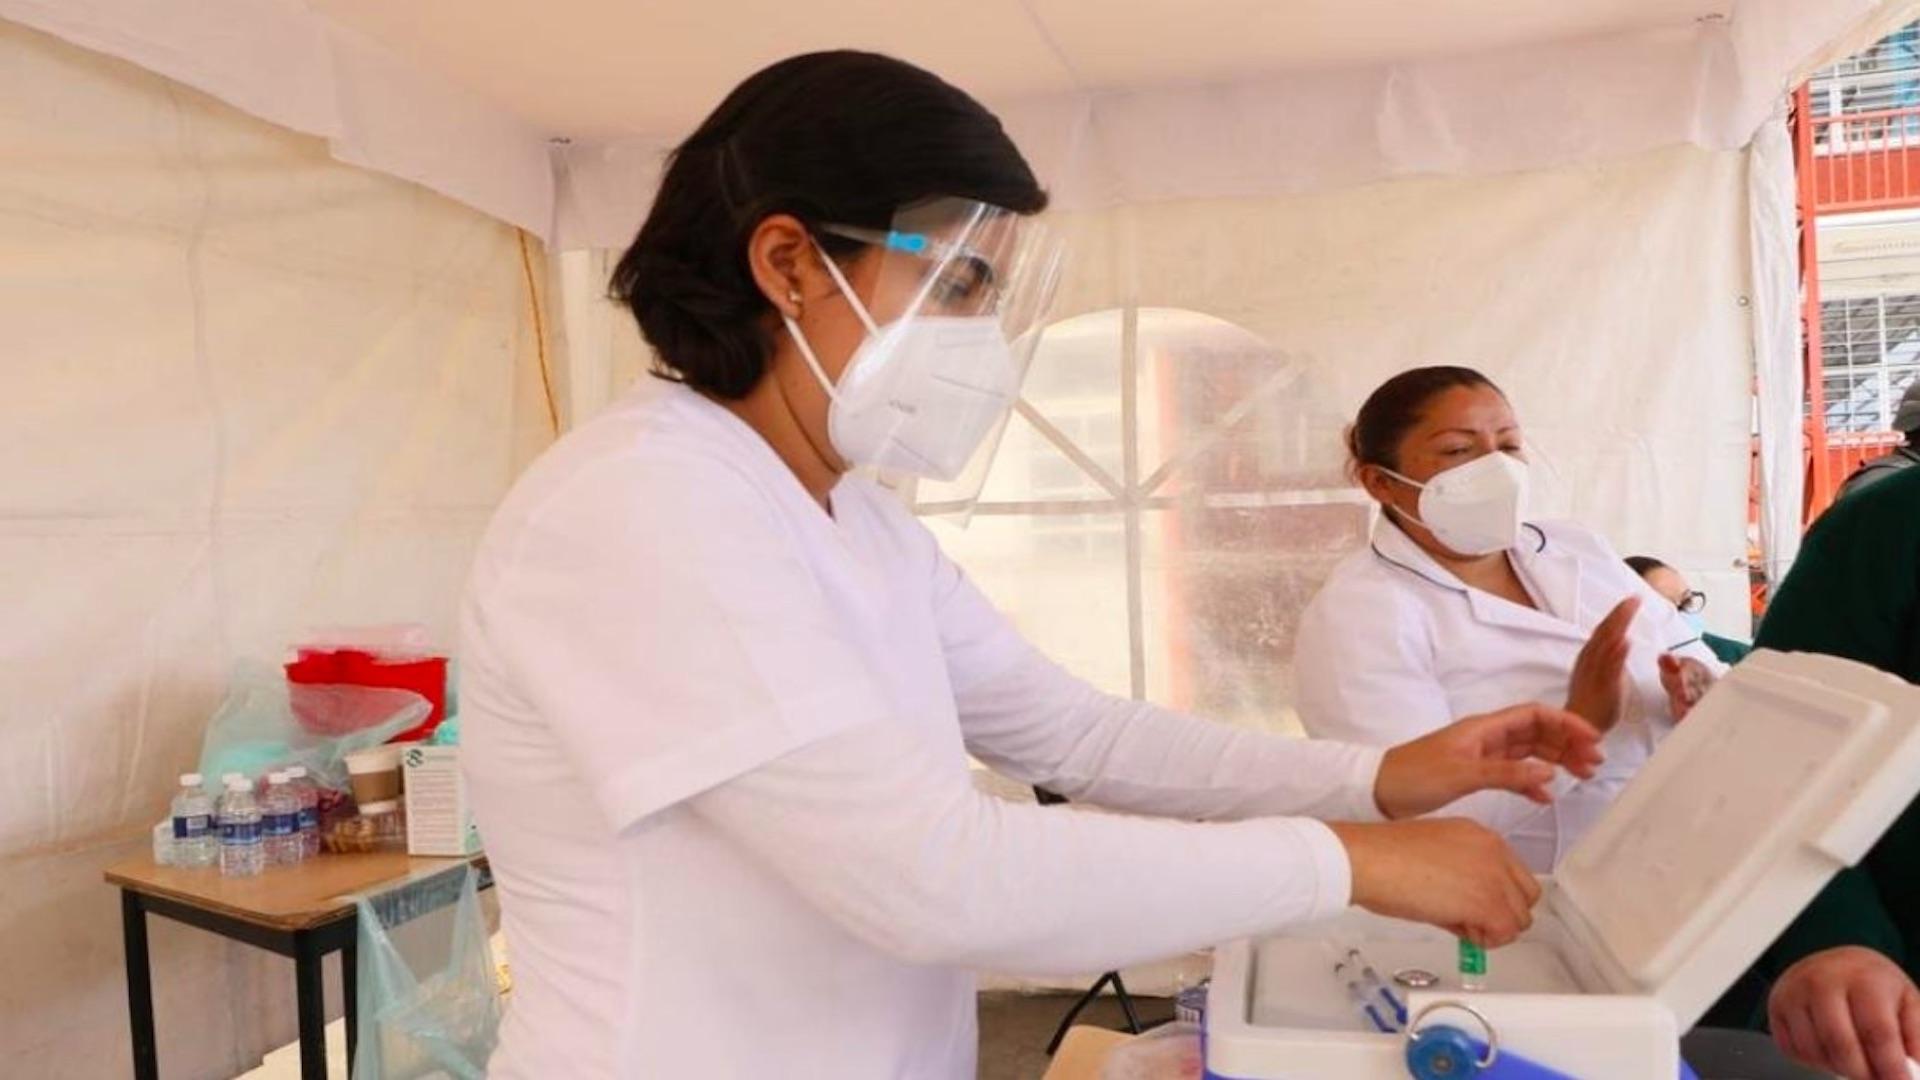 Que no te sorprendan: así engañan sobre vacunación en CDMX